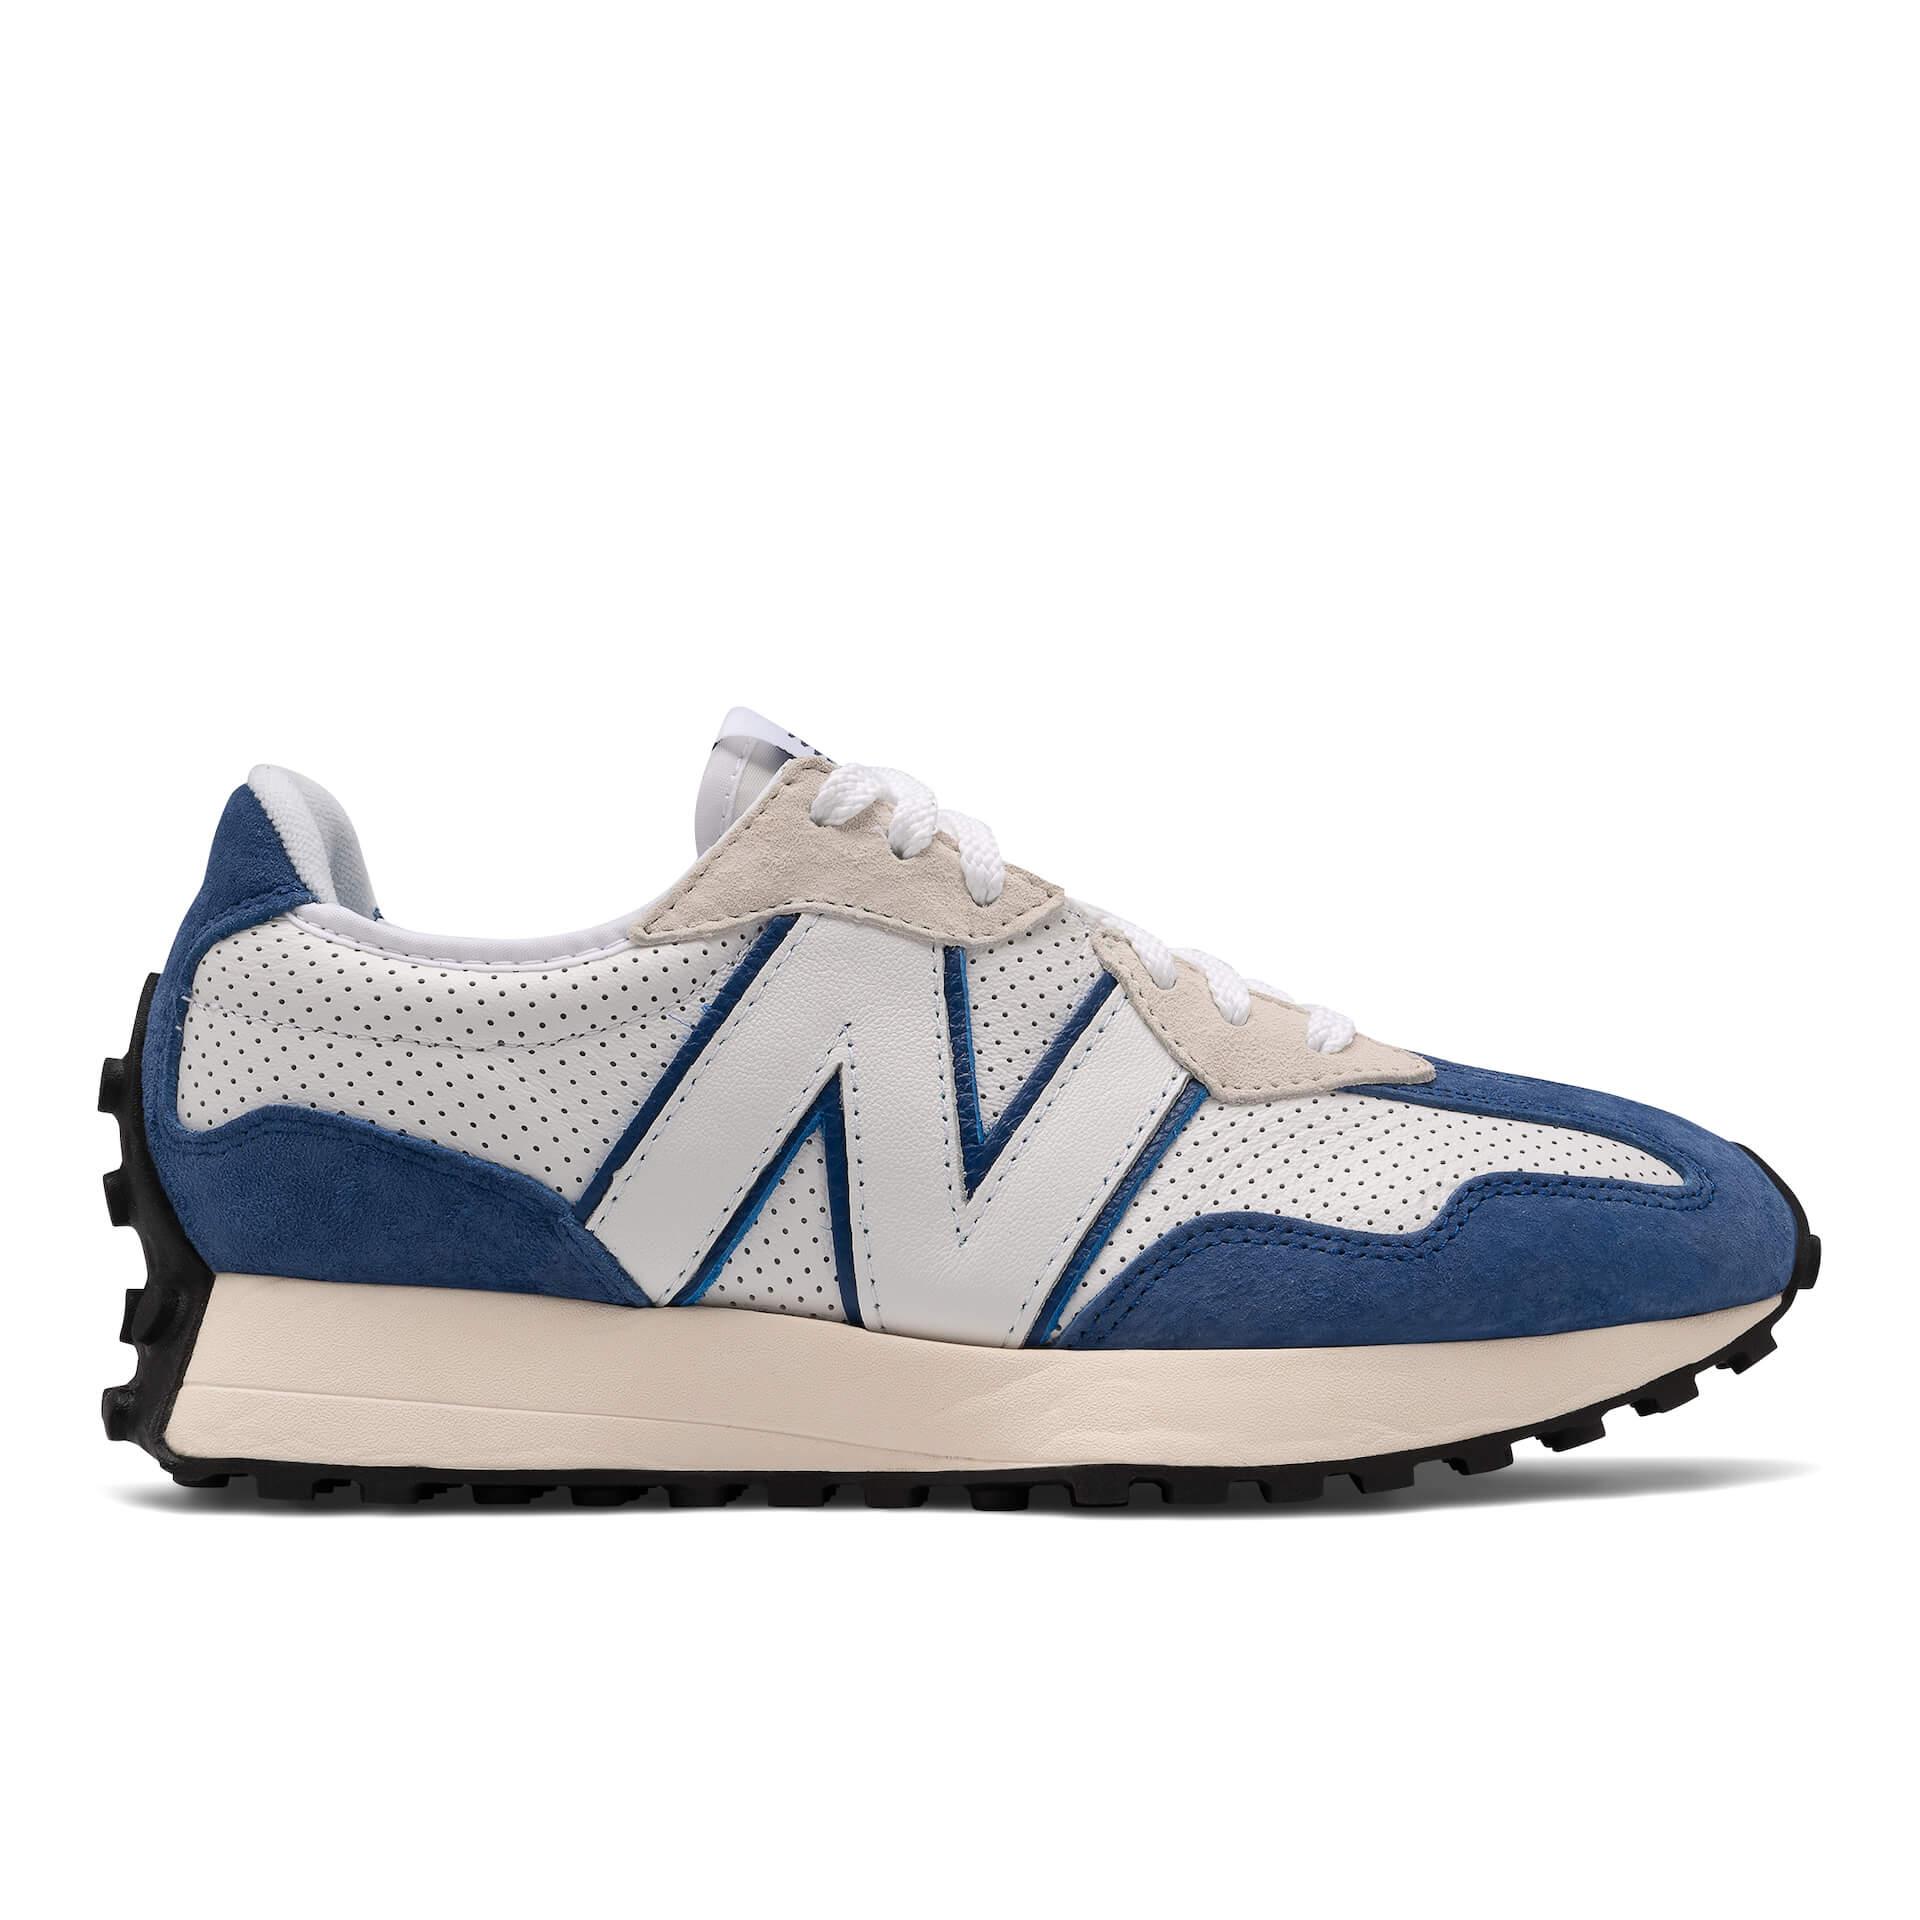 ニューバランスの人気モデル「327」に新色『327 primary pack』が登場!キャンペーンビジュアルにはハリー・ハドソンを起用 fashion20128_newbalance_327primarypack_3